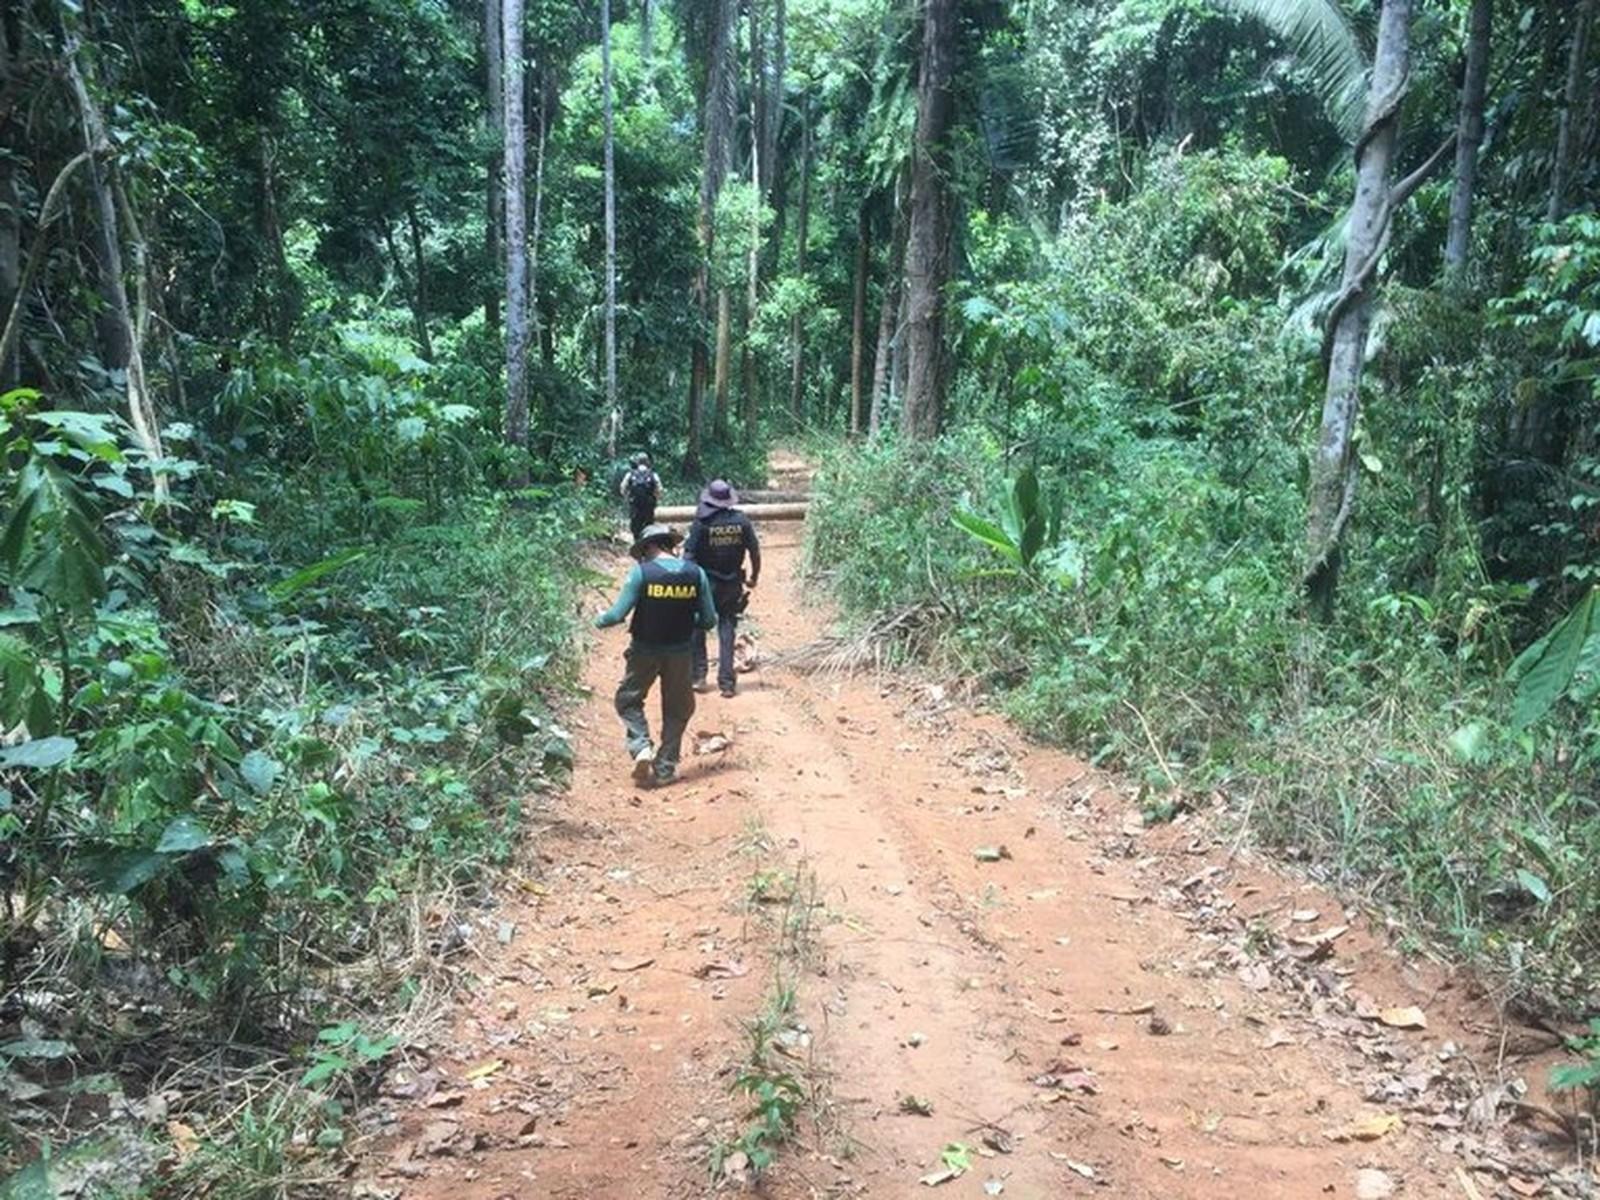 Polícia Federal identifica áreas de desmatamento e grilagem em terras indígenas de Altamira